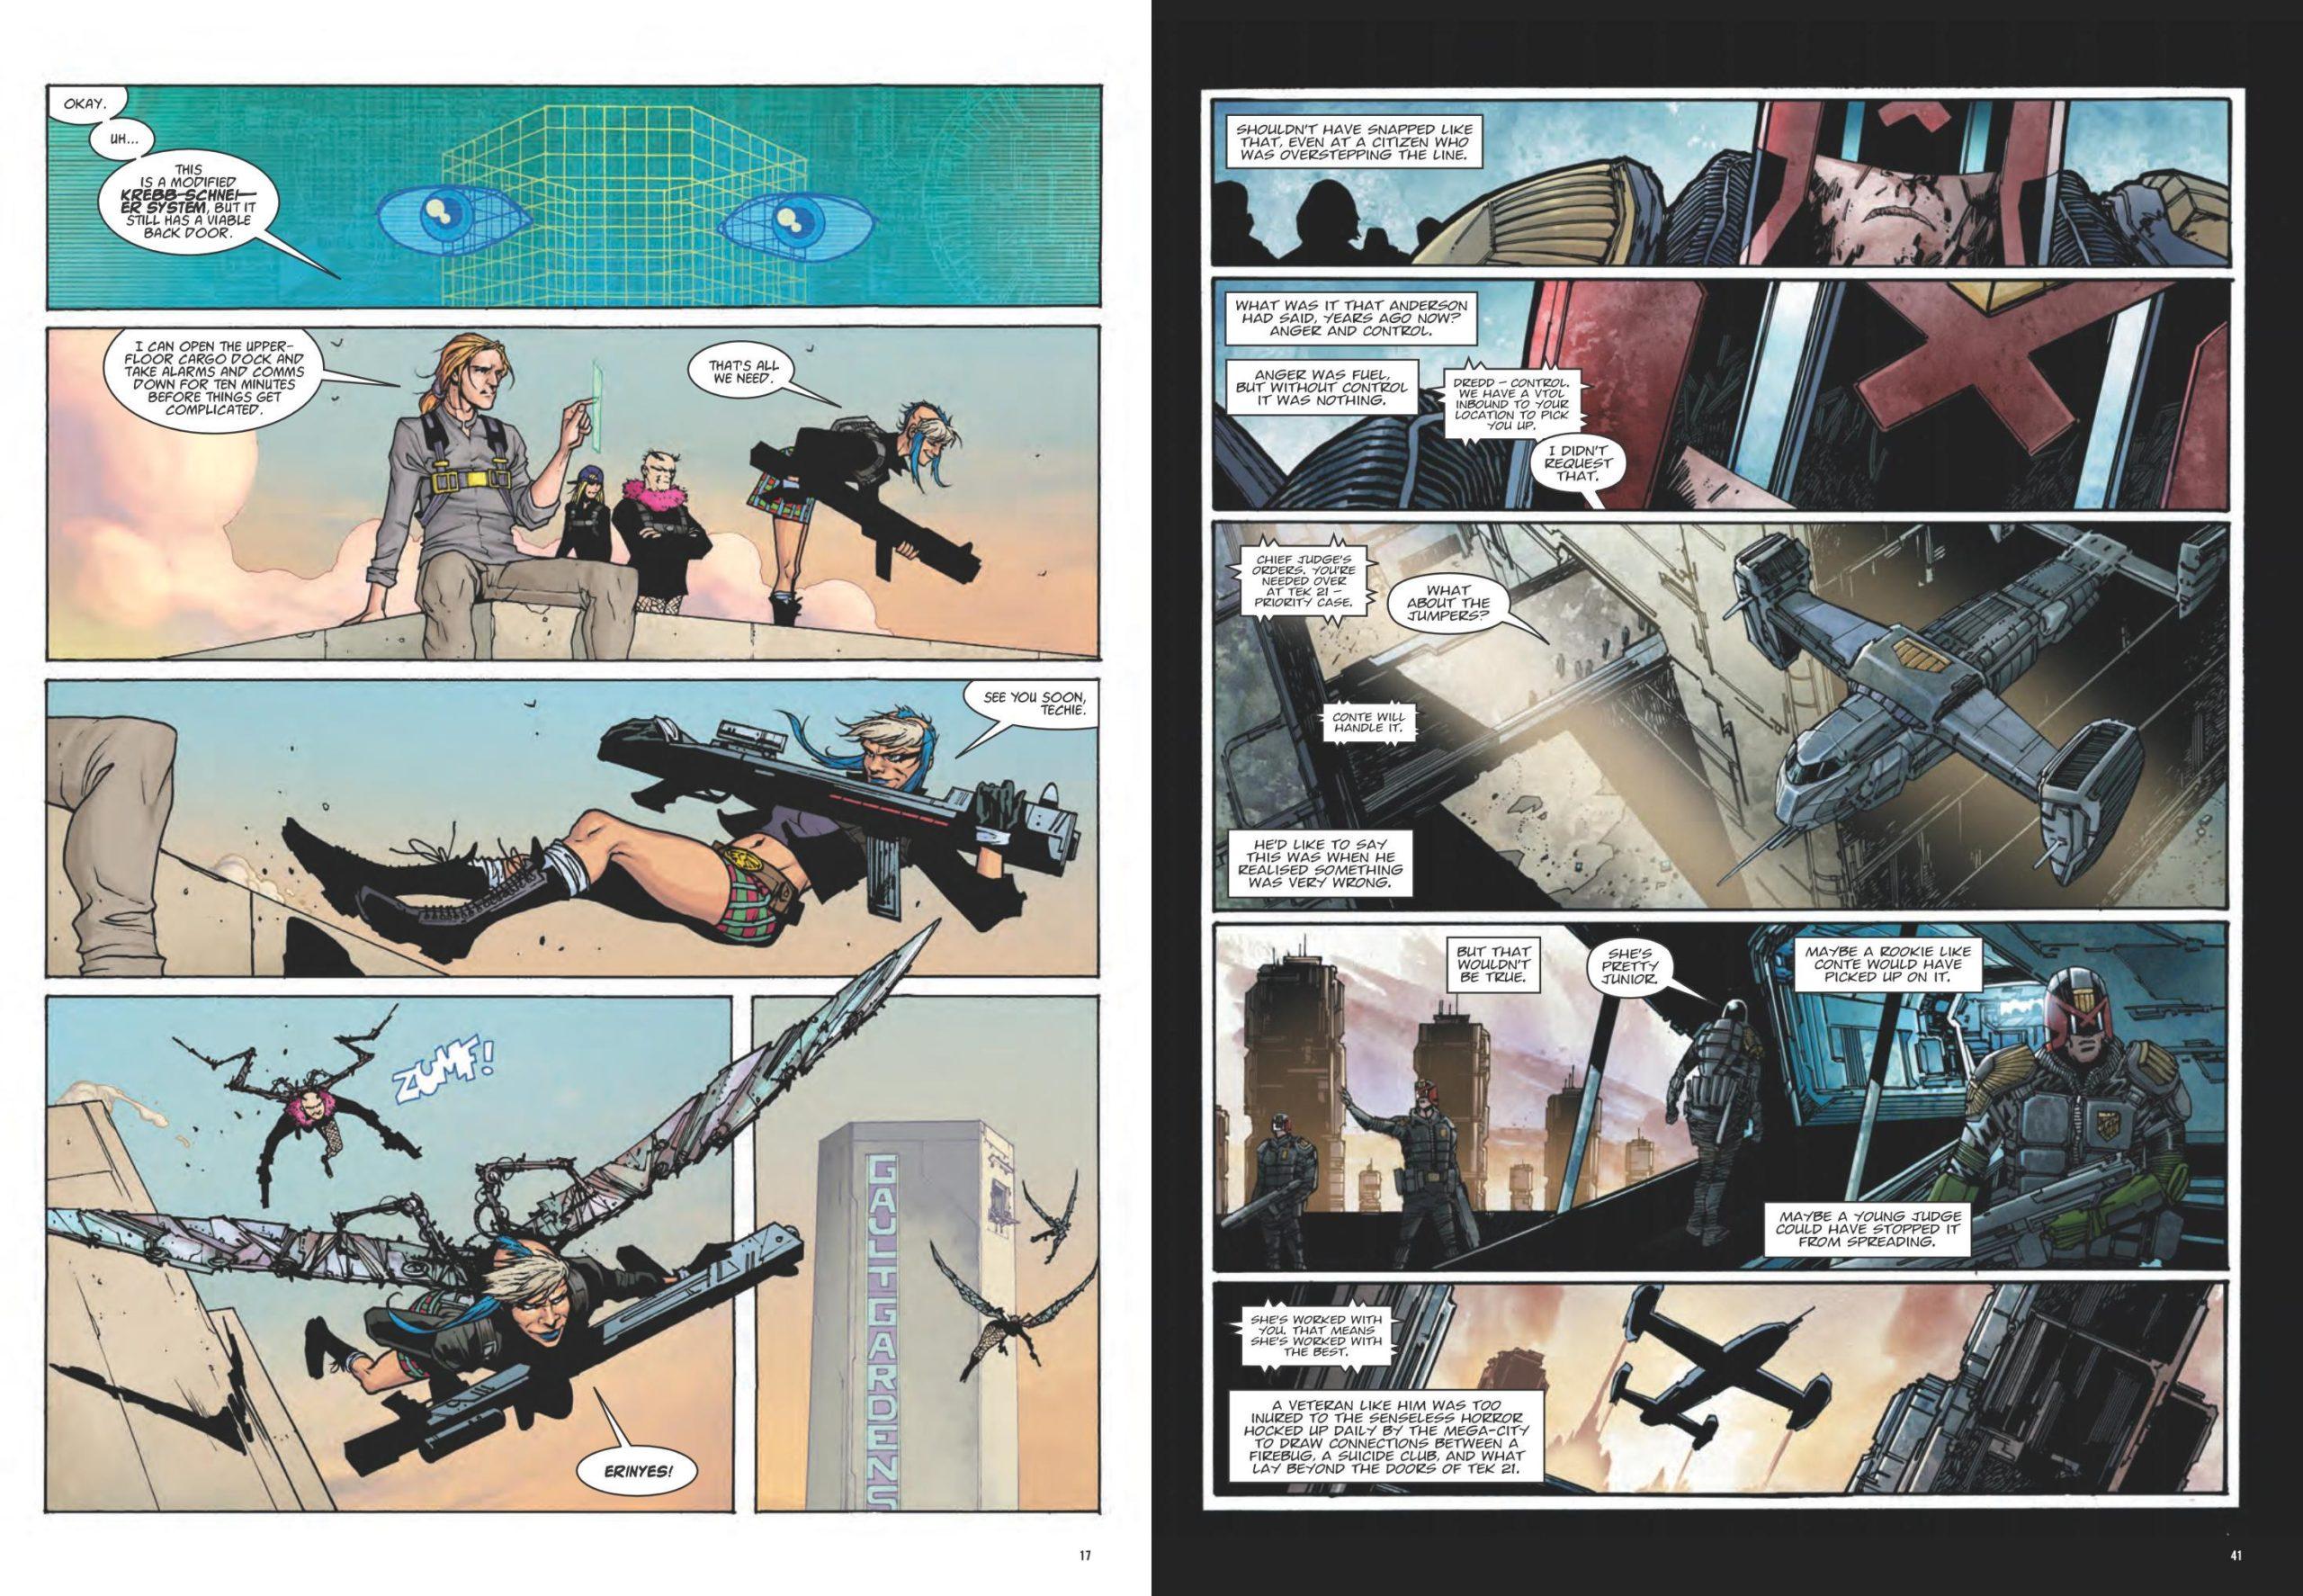 Dredd Final Judgement review